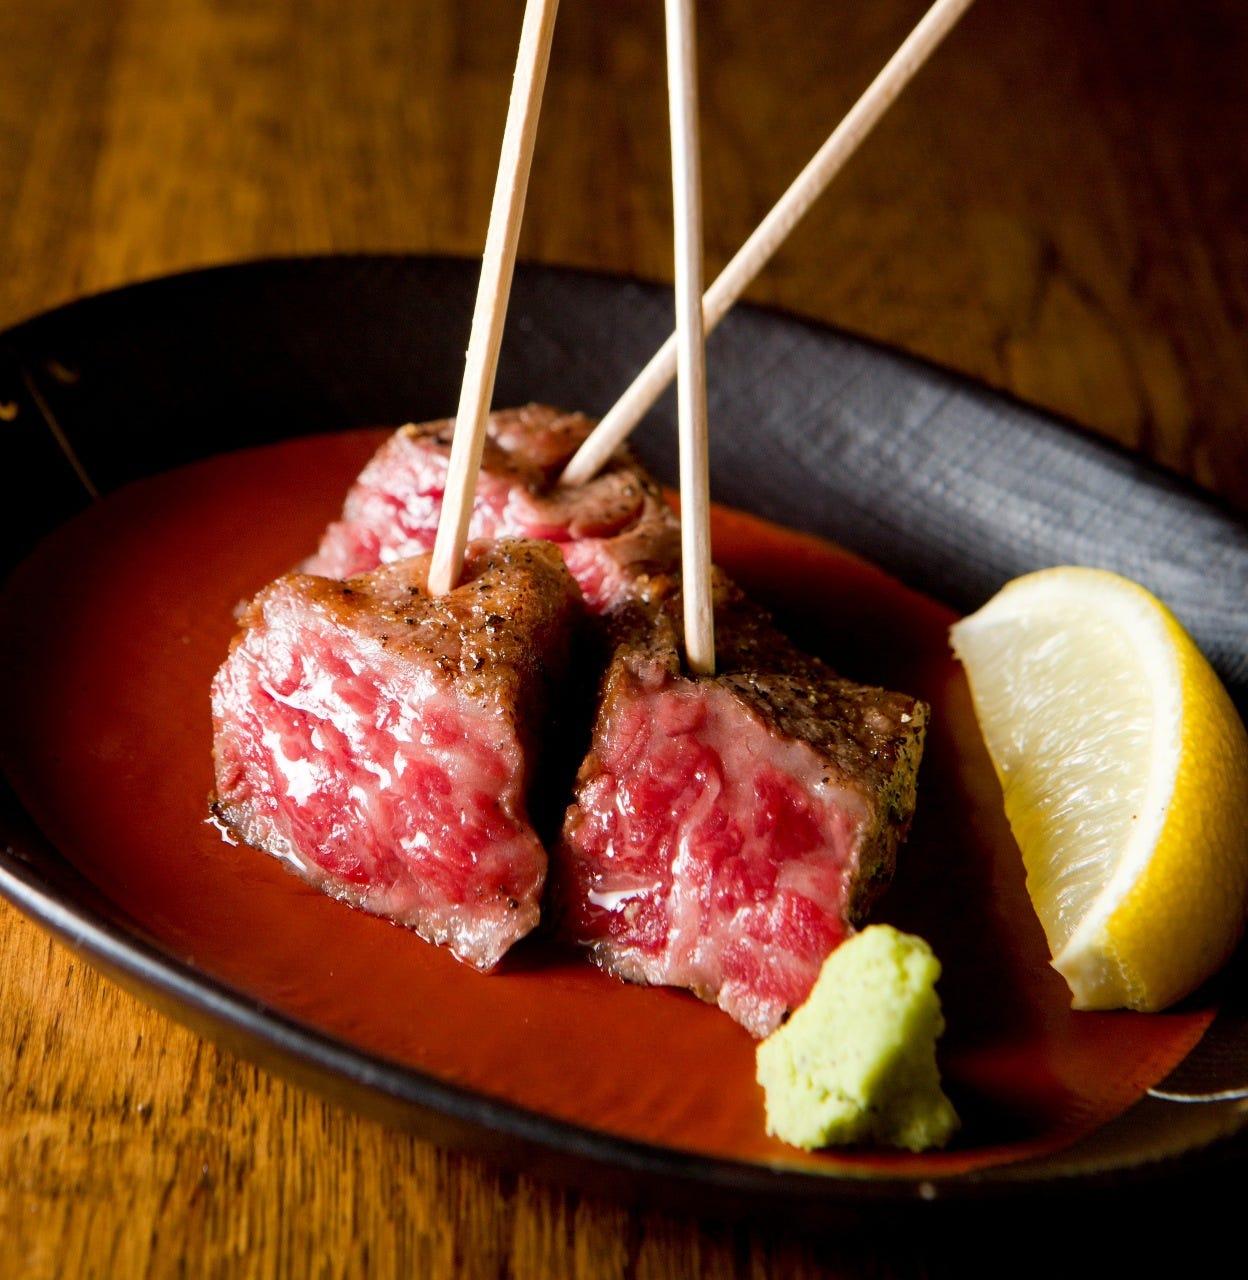 極上の米沢牛を串もので 少量からお愉しみ頂けます